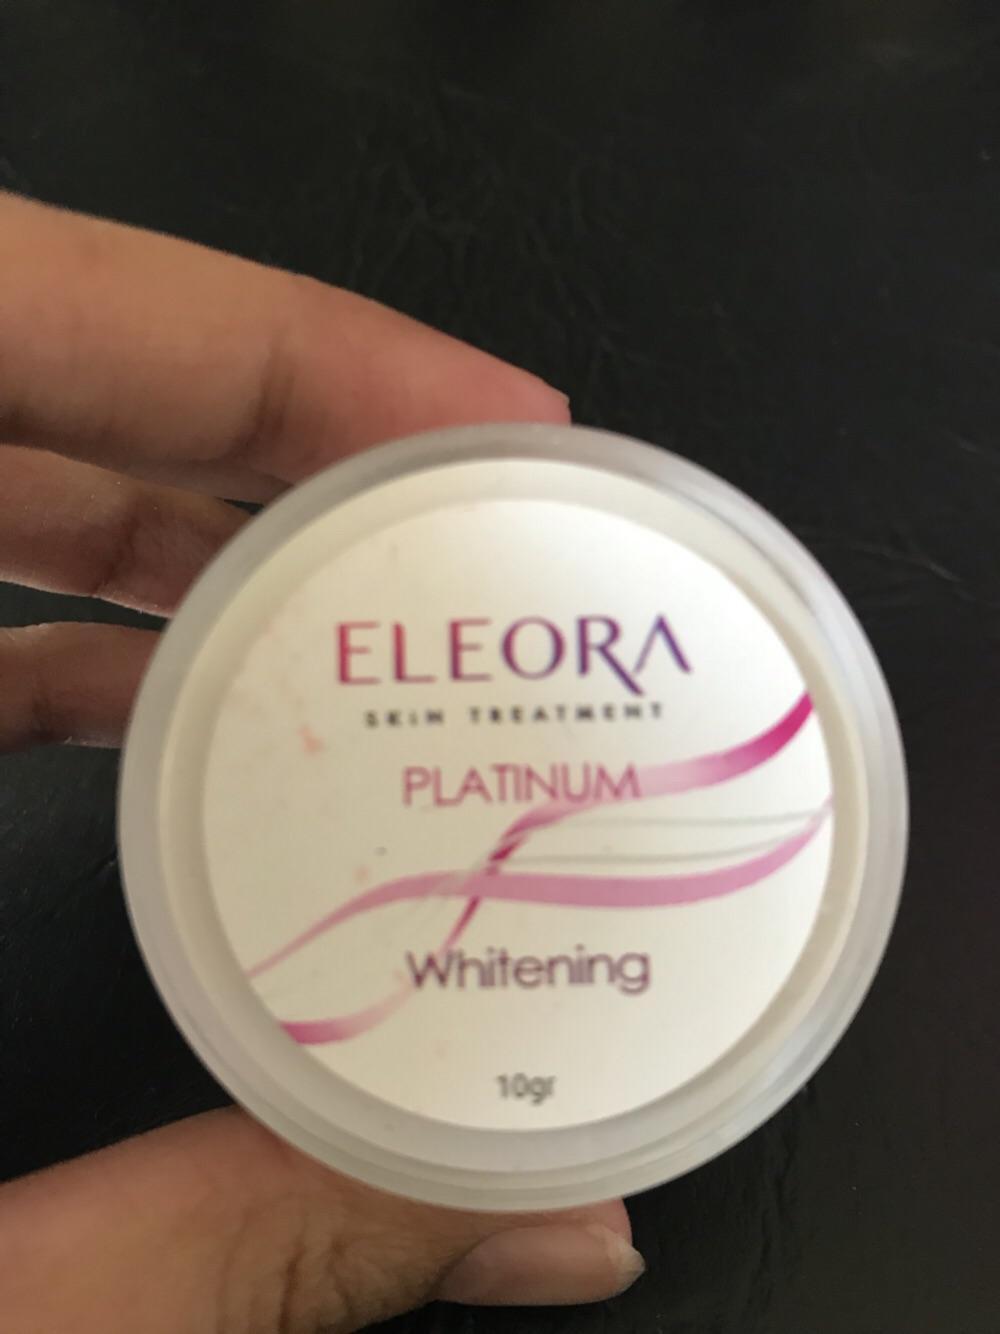 Fitur Eleora Platinum Dan Harga Terbaru Informasi Produk Anti Aging Melasma Cream Whitening Malam